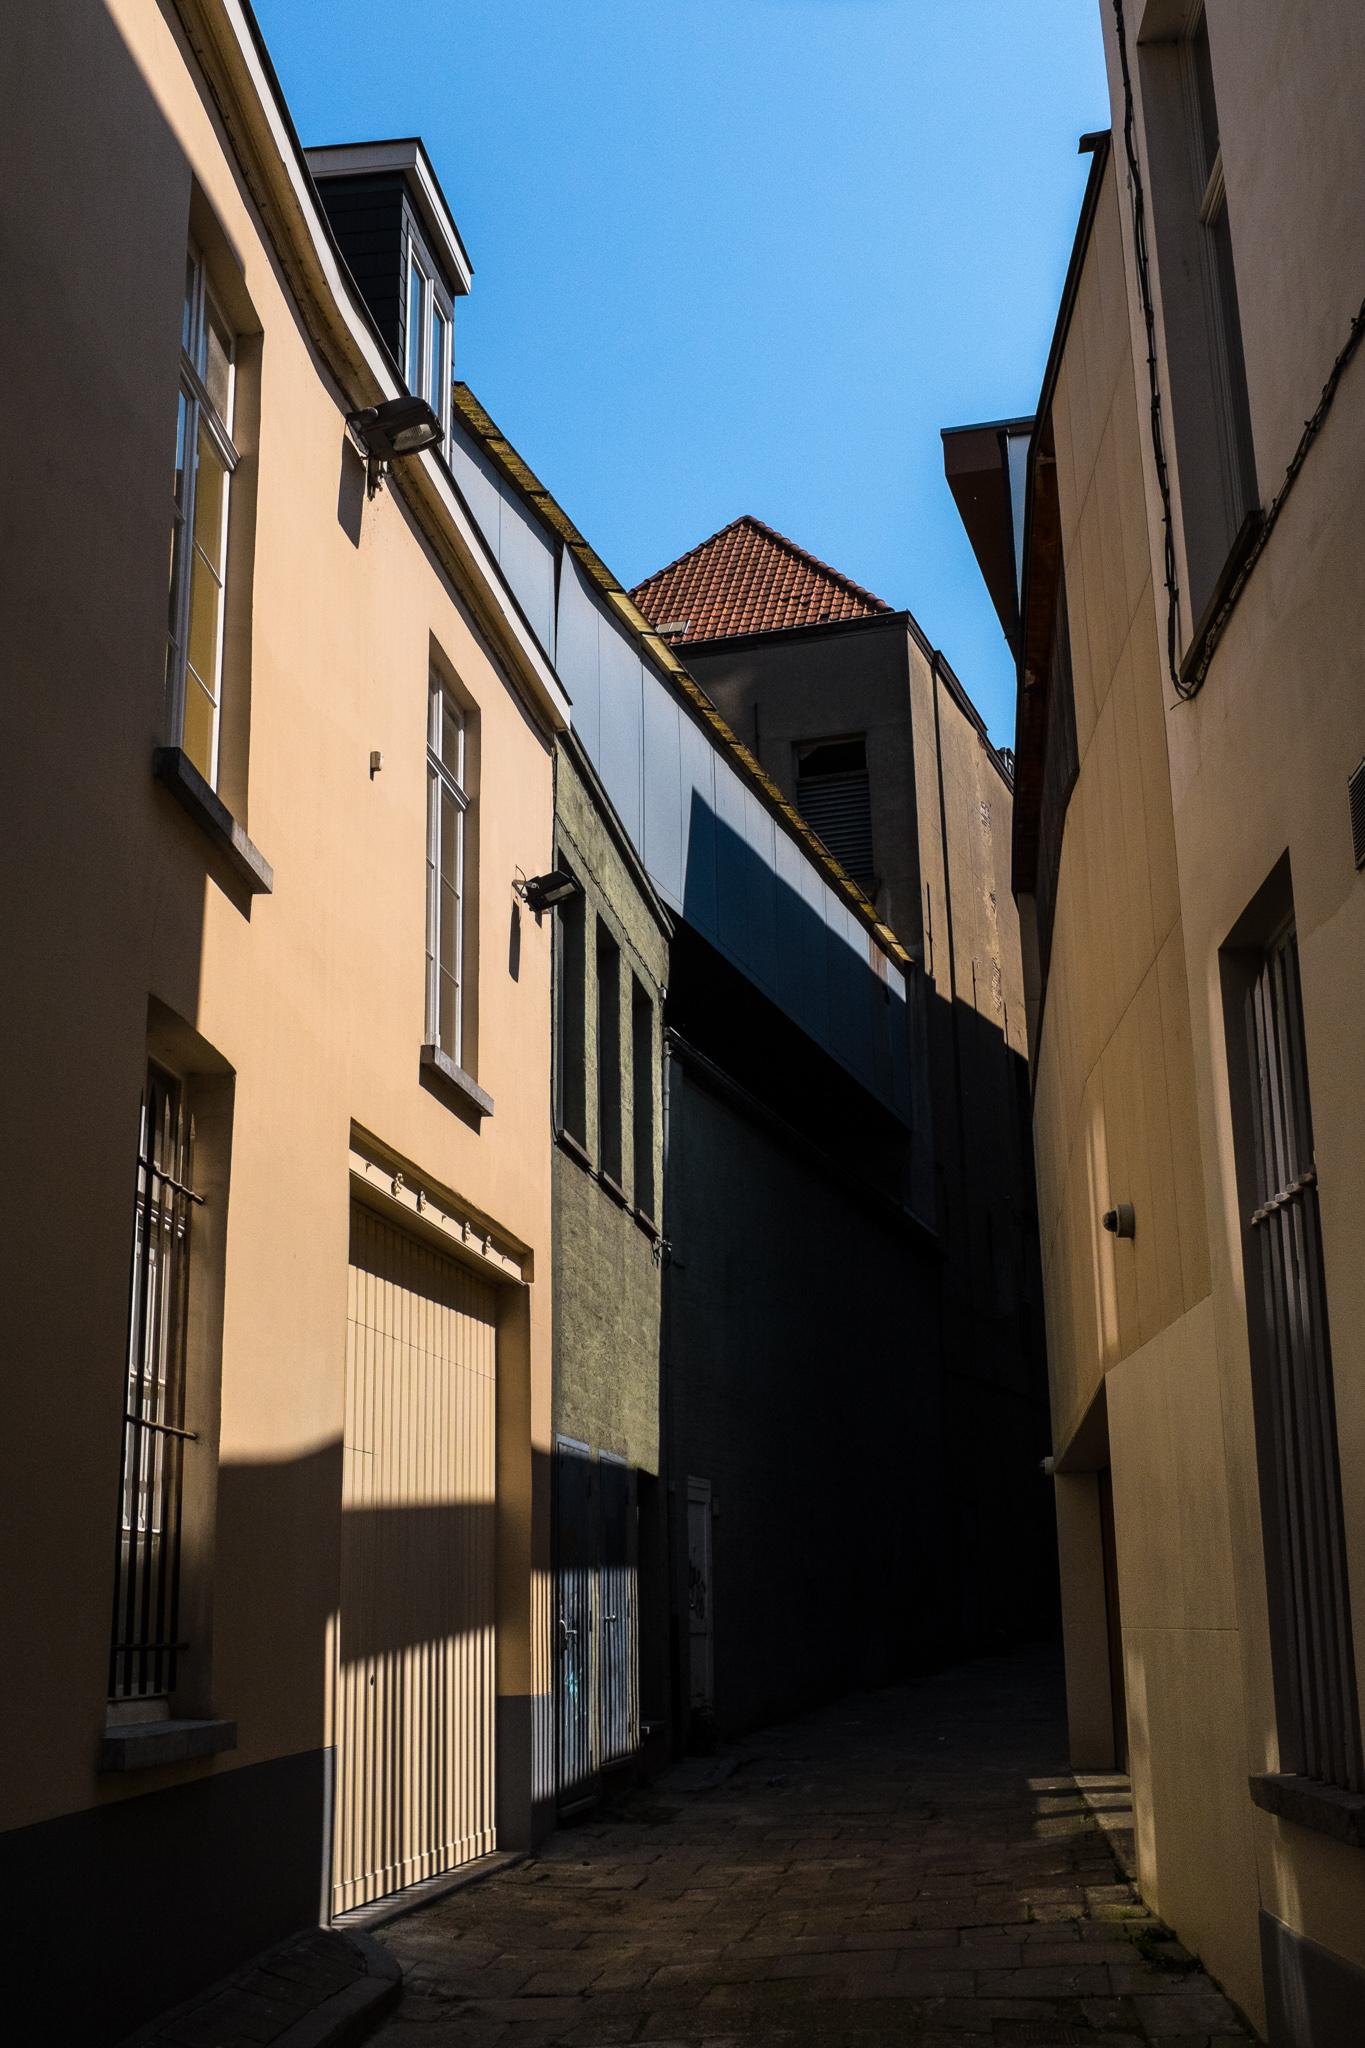 3666-architecture-in-belgium.jpg